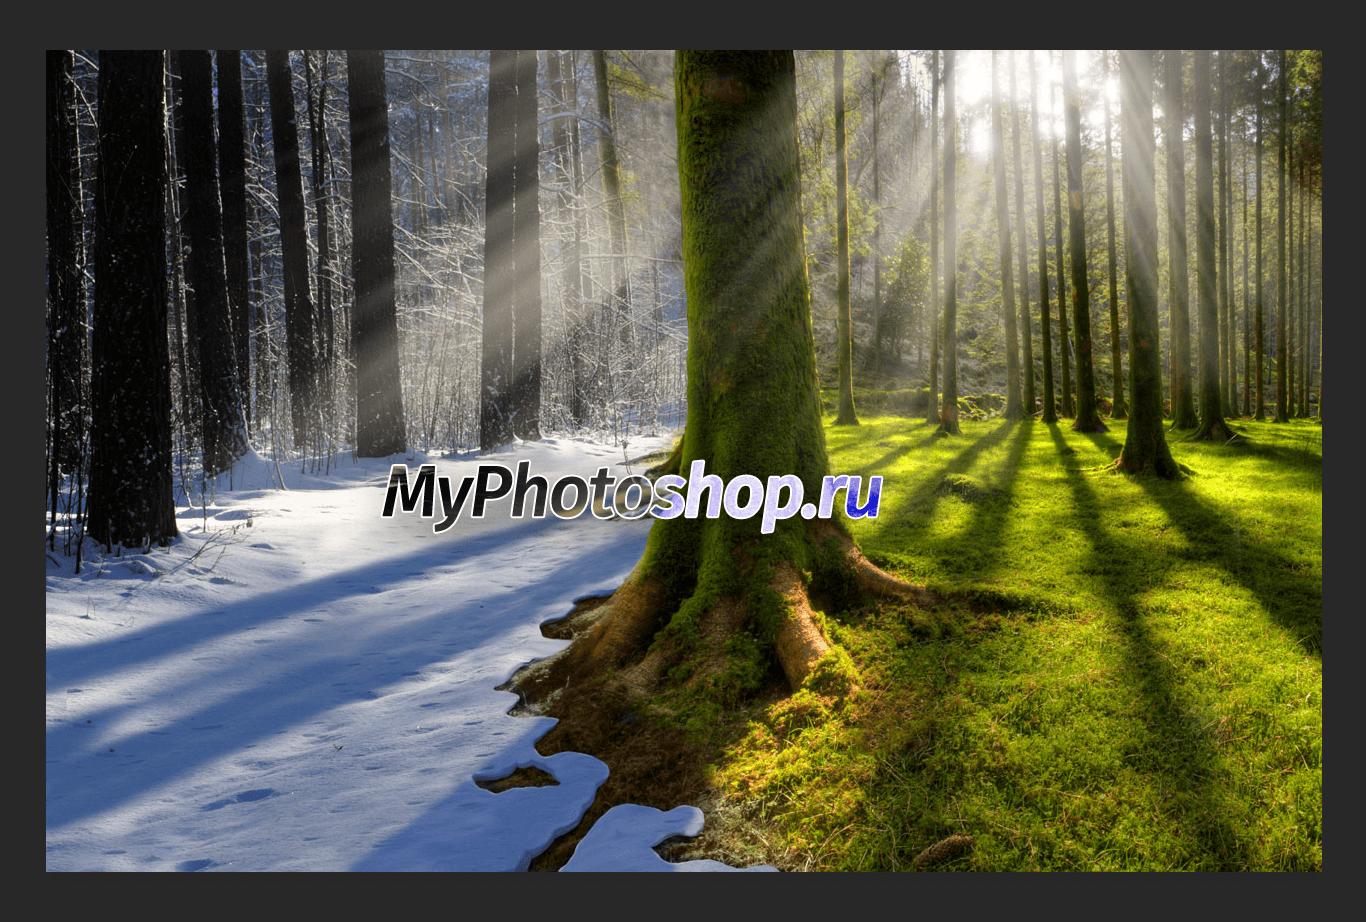 Как выделить текст в Фотошопе или сделать обводку